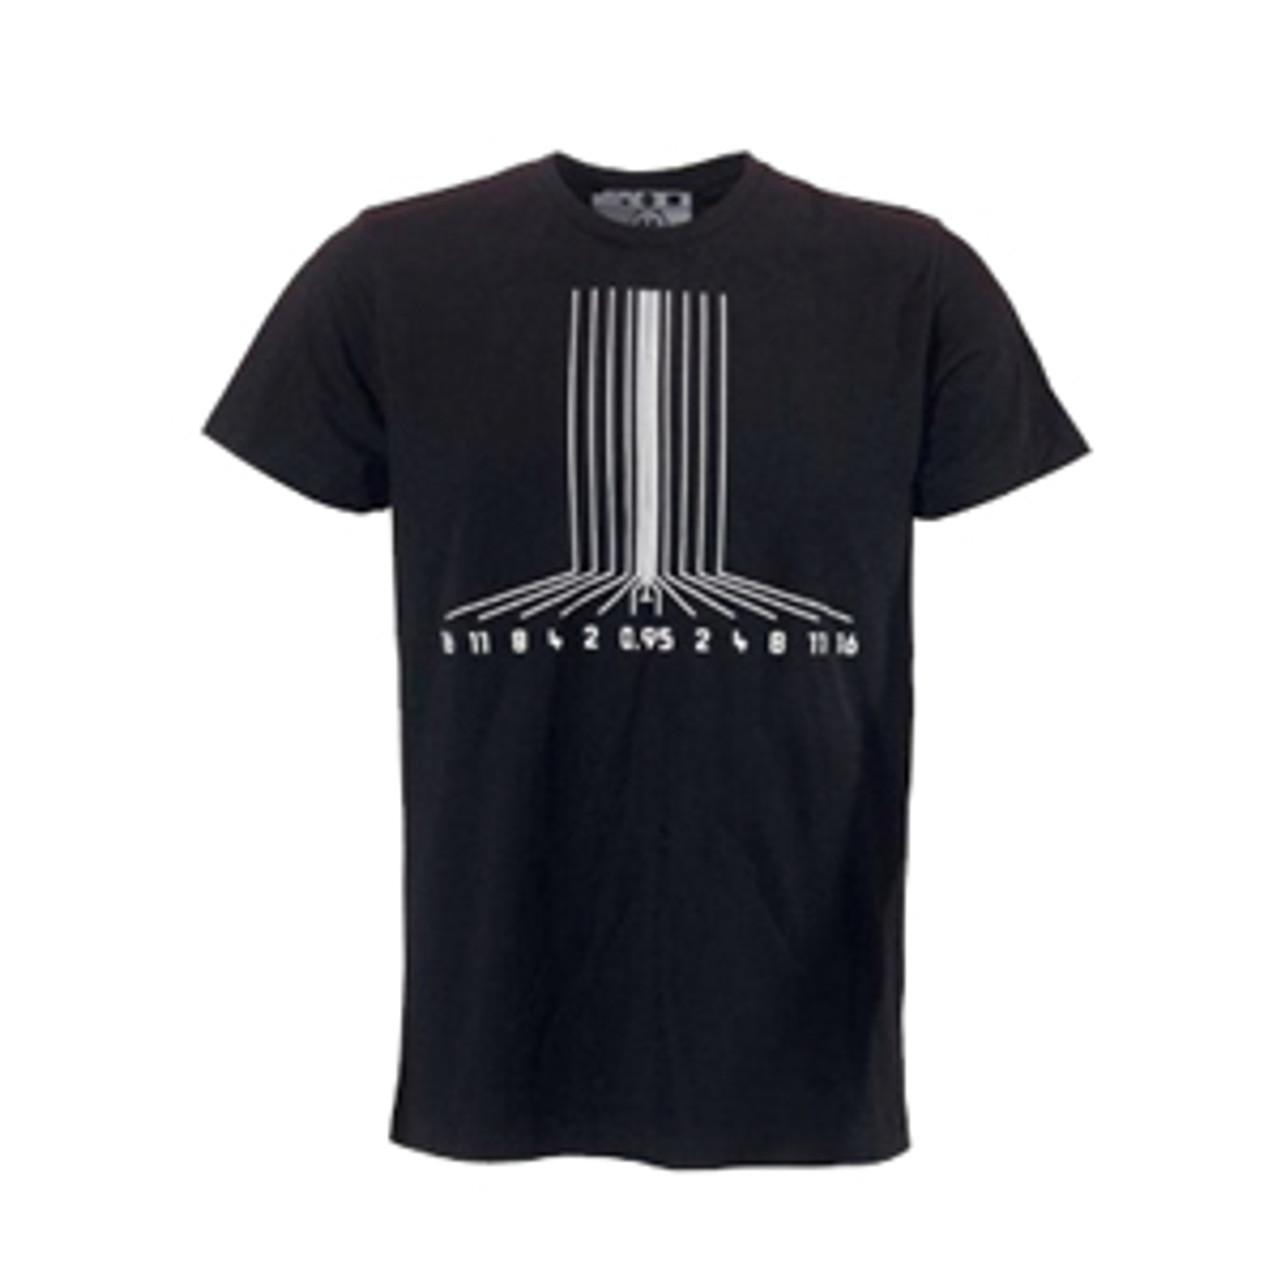 Leica 'Blendenskala' T-Shirt